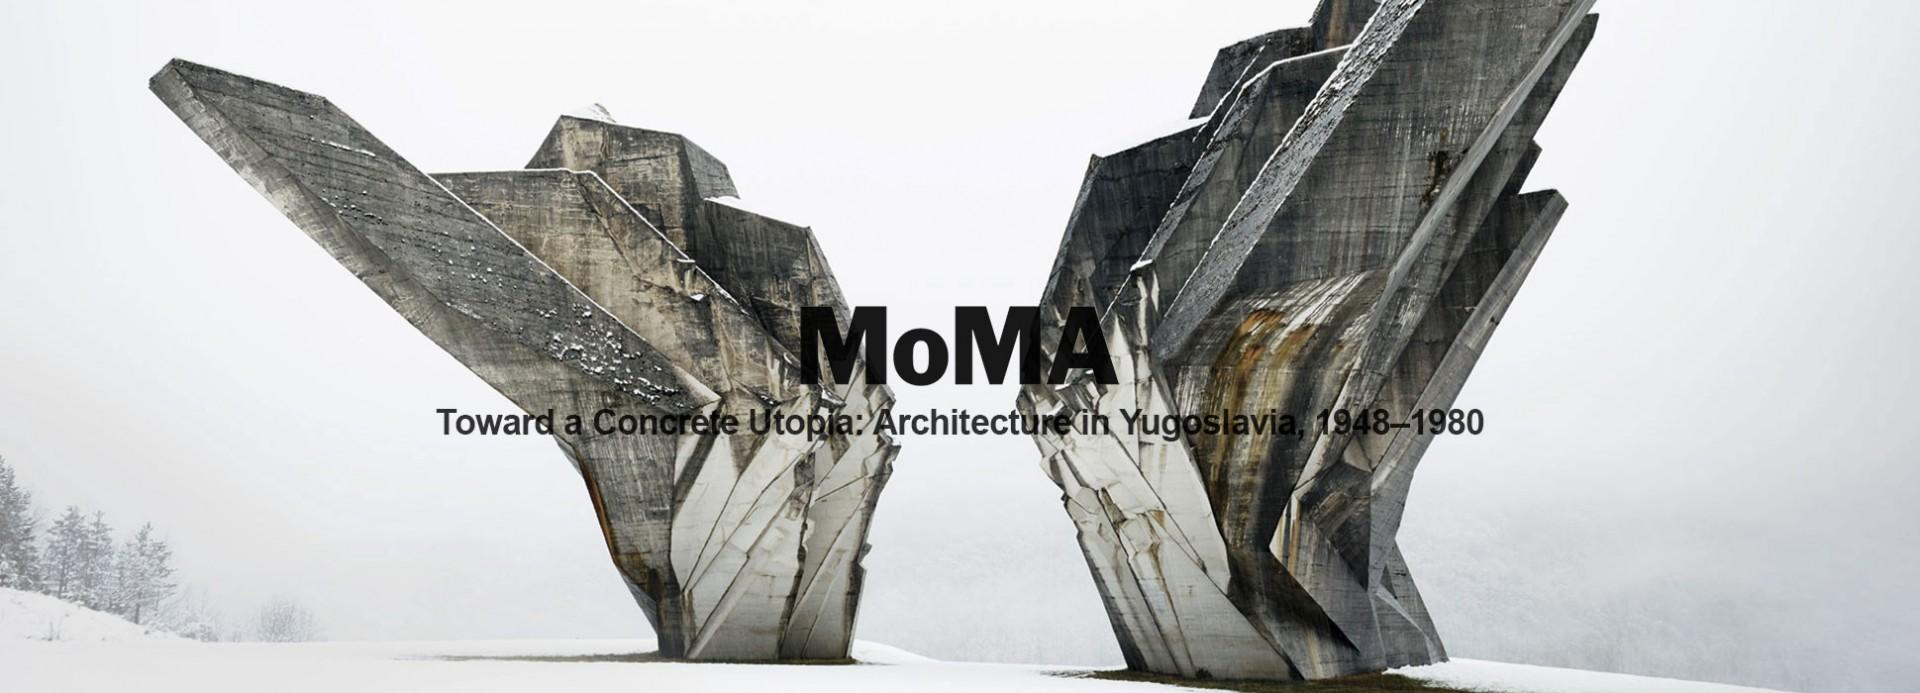 """Изложба у MoMA: """"Toward a Concrete Utopia: Architecture in Yugoslavia, 1948-1980"""" (Ка бетонској утопији: Архитектура у Југославији, 1948-1980)"""